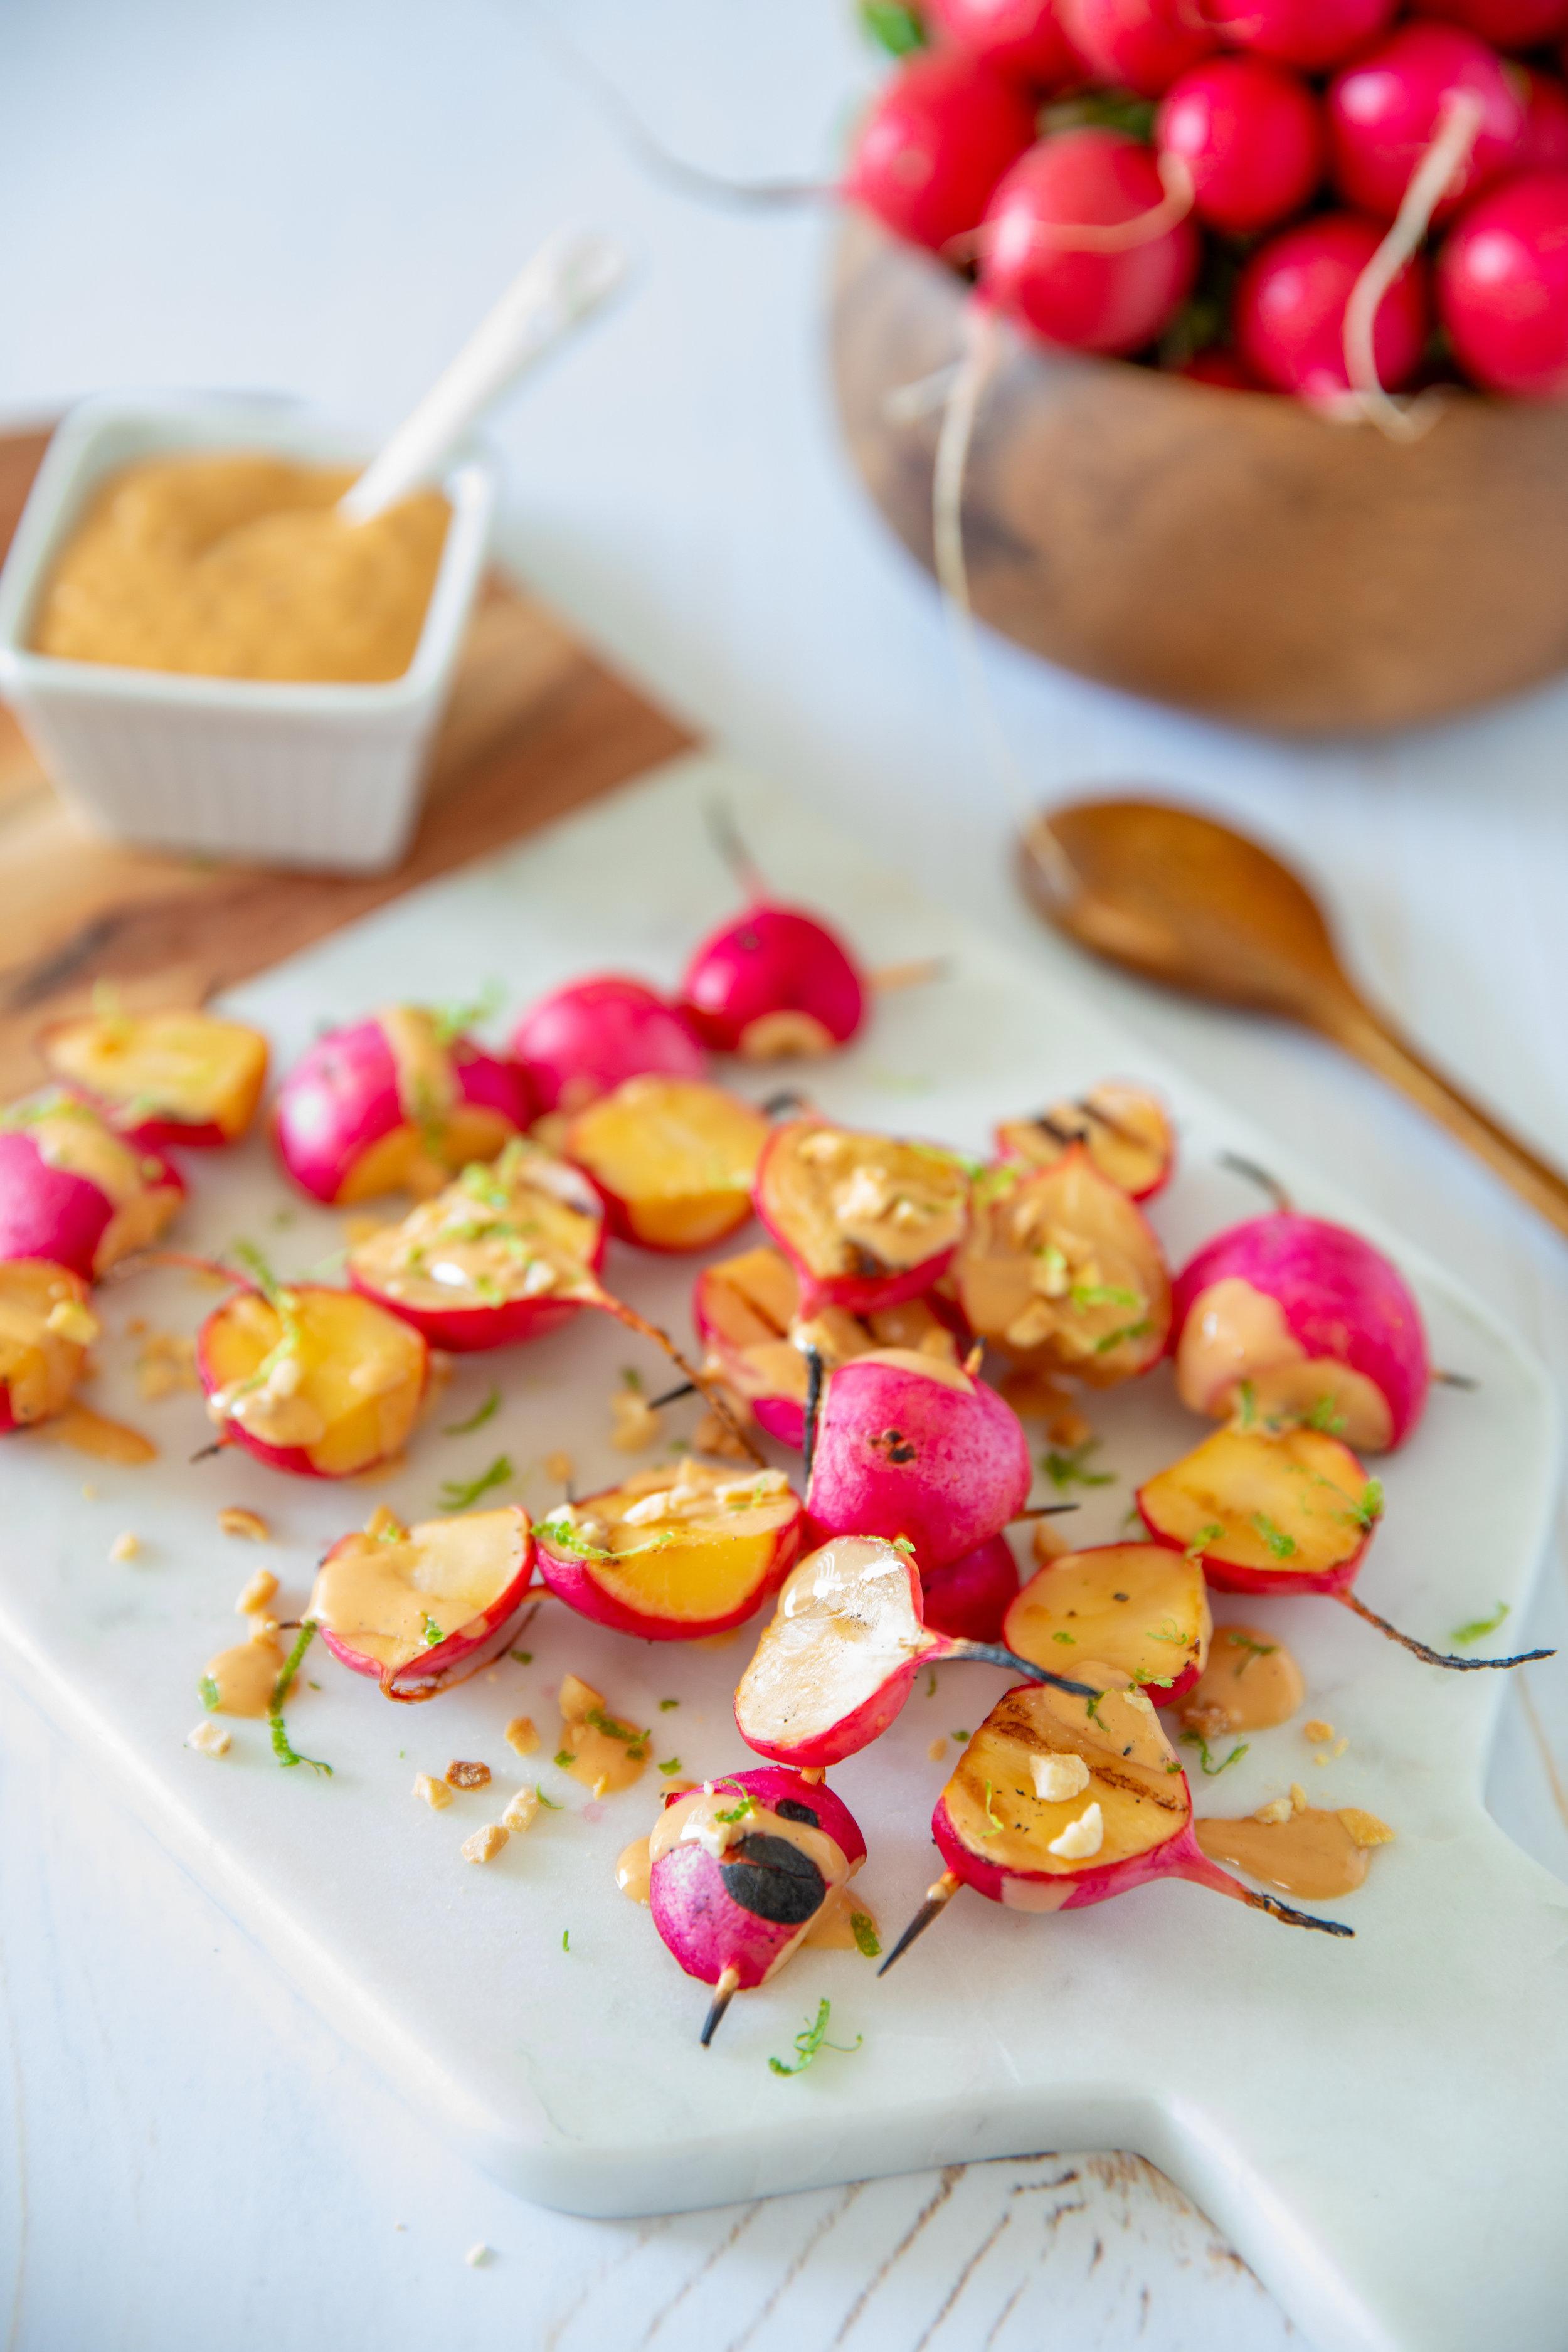 Brochettes de radis grillés style satay